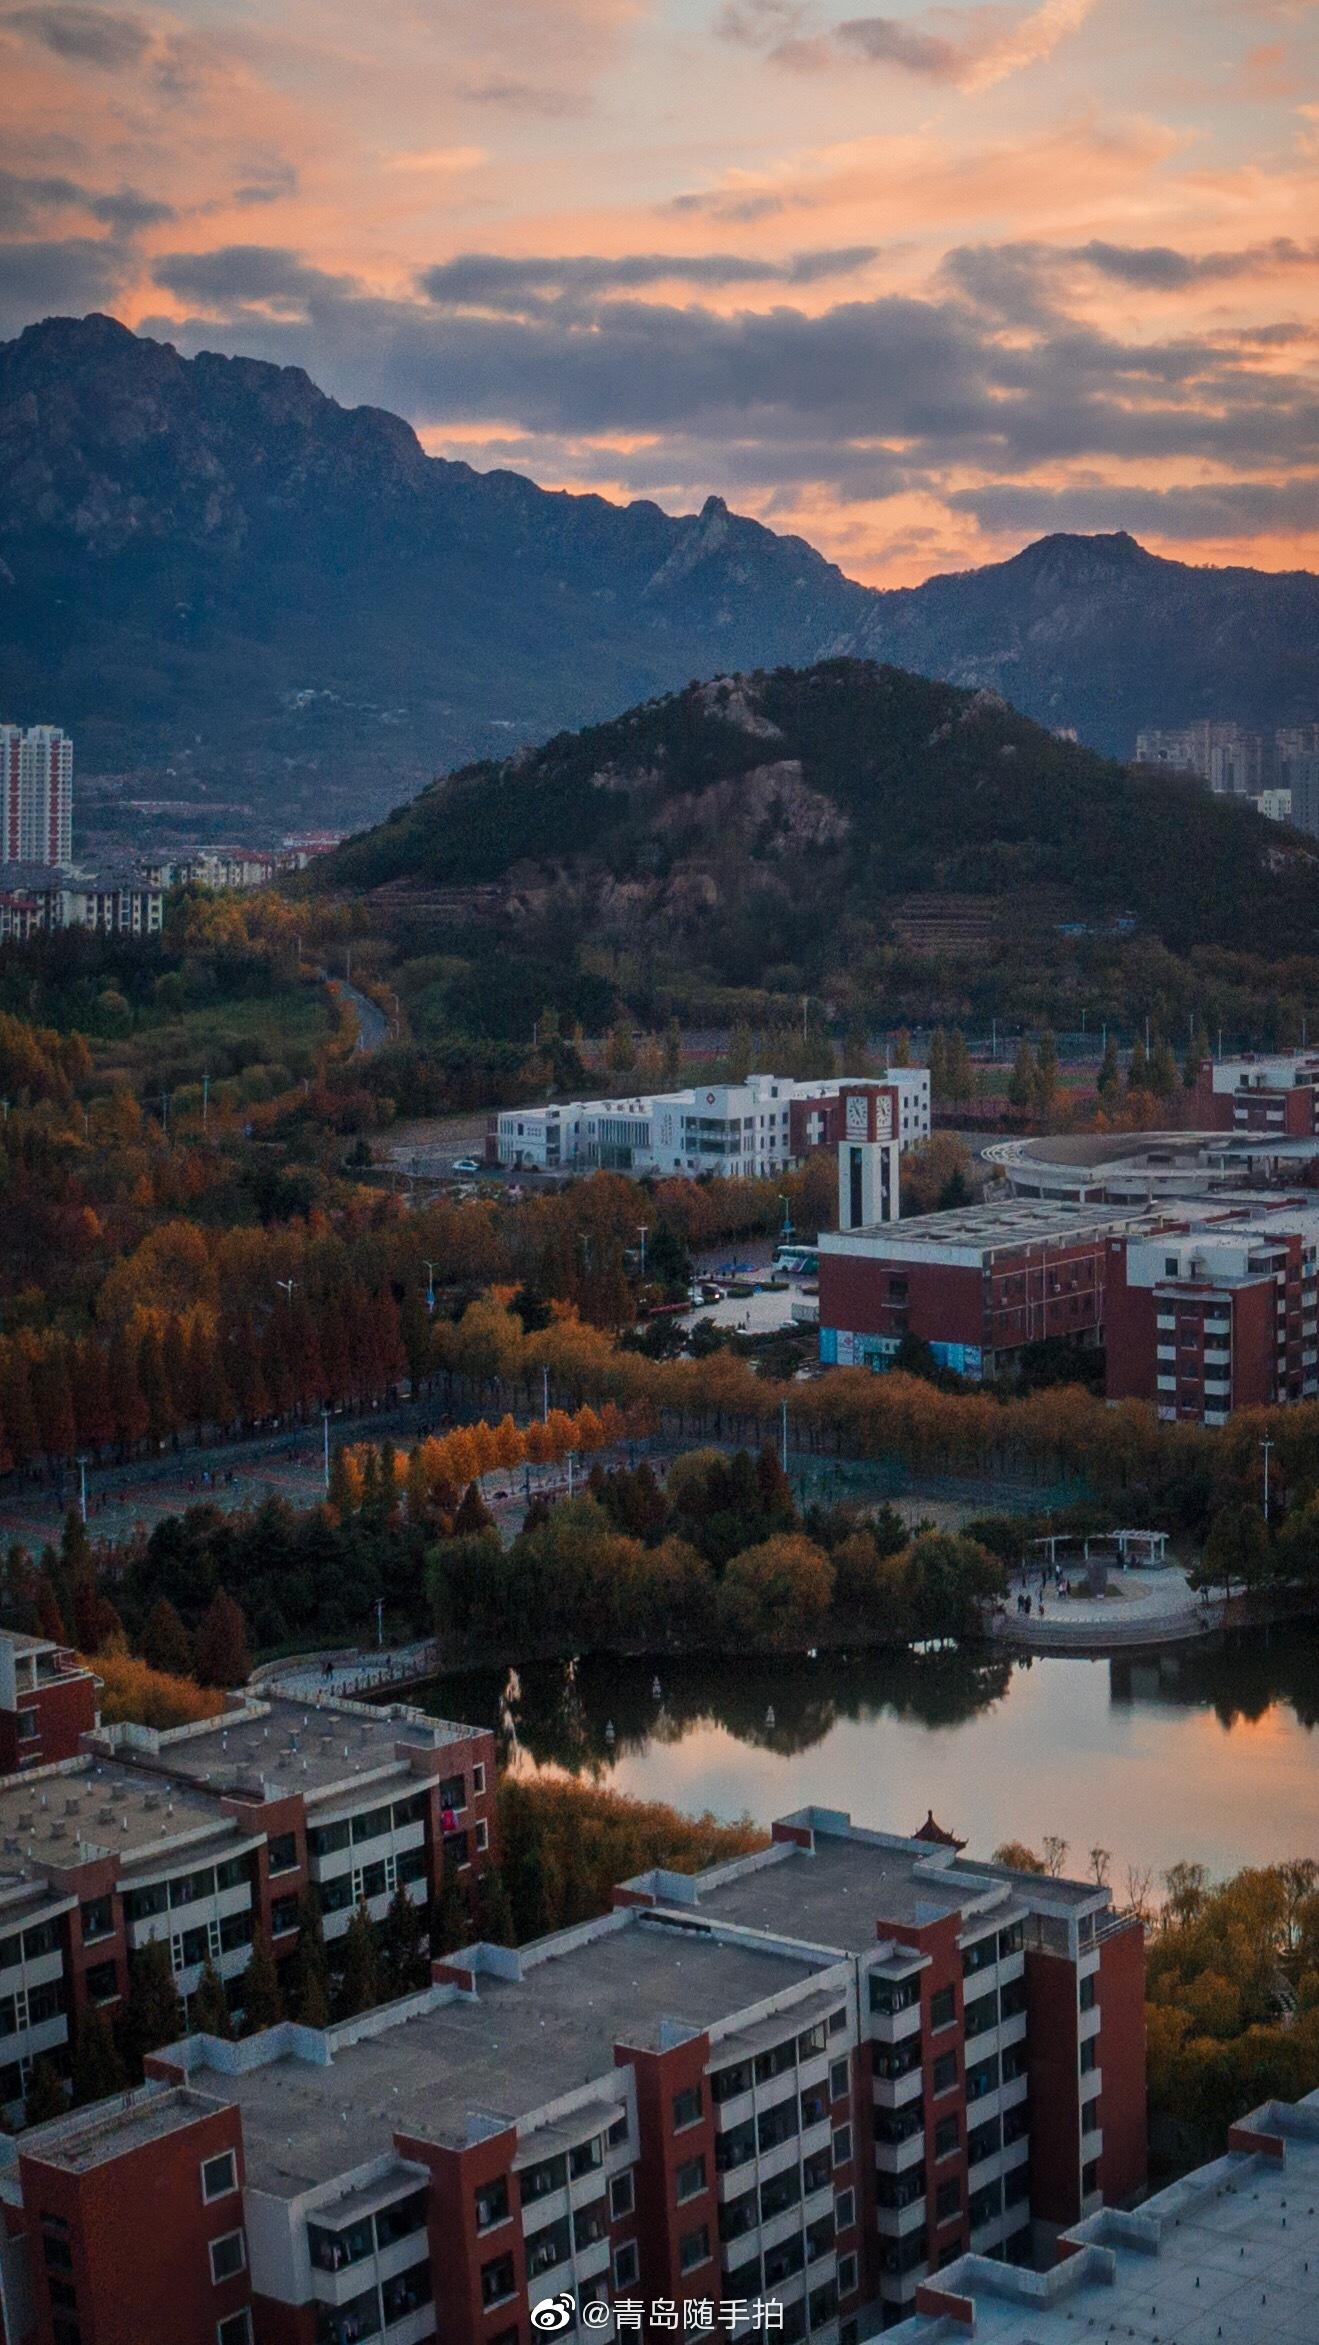 青岛醉美大学,入冬的山科是这样的 @山东科技大学 摄影/@李言之-